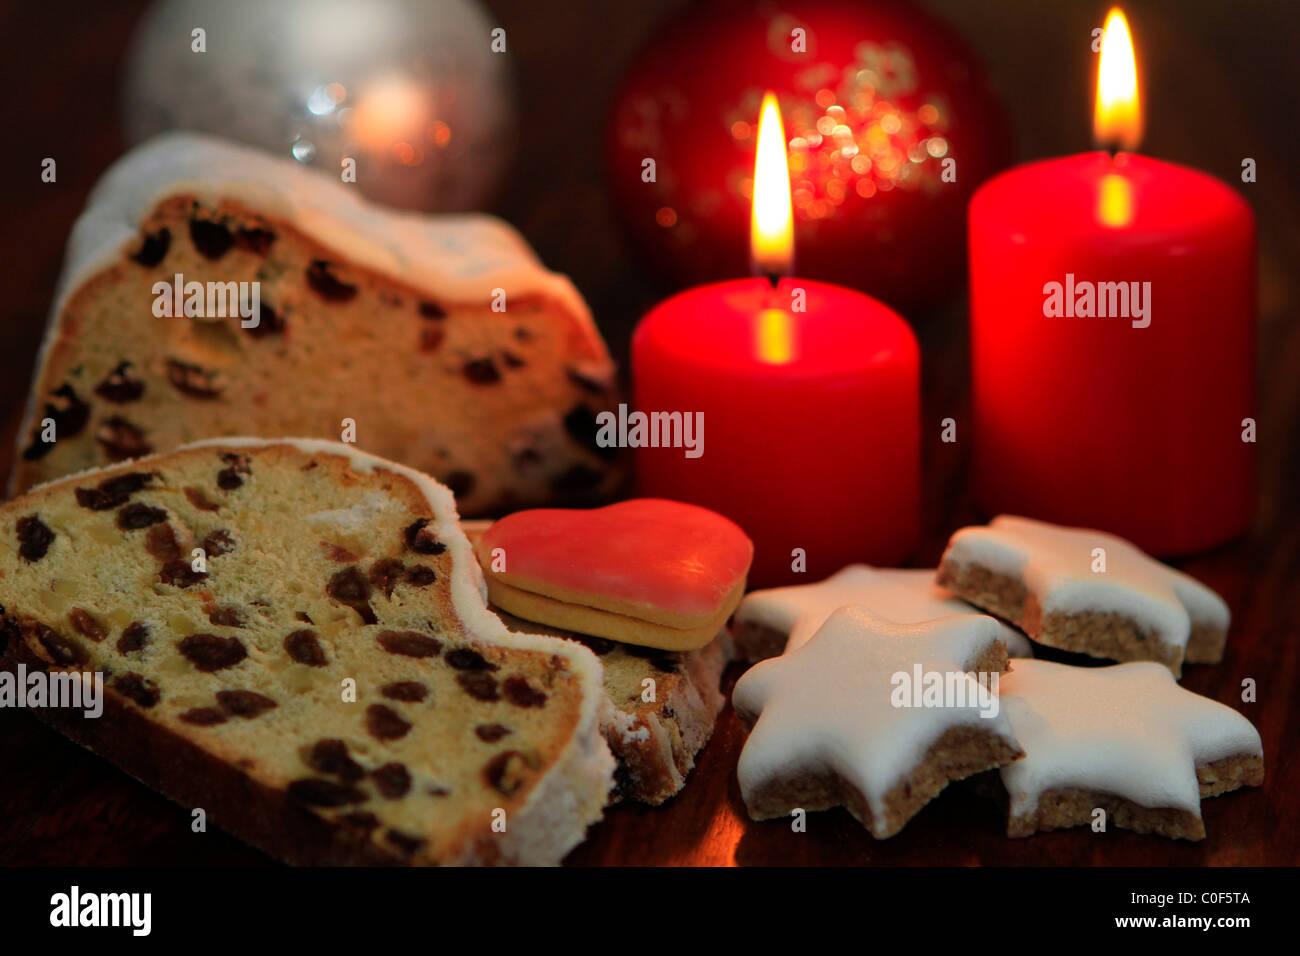 Christmas Cake With Marzipan Inside